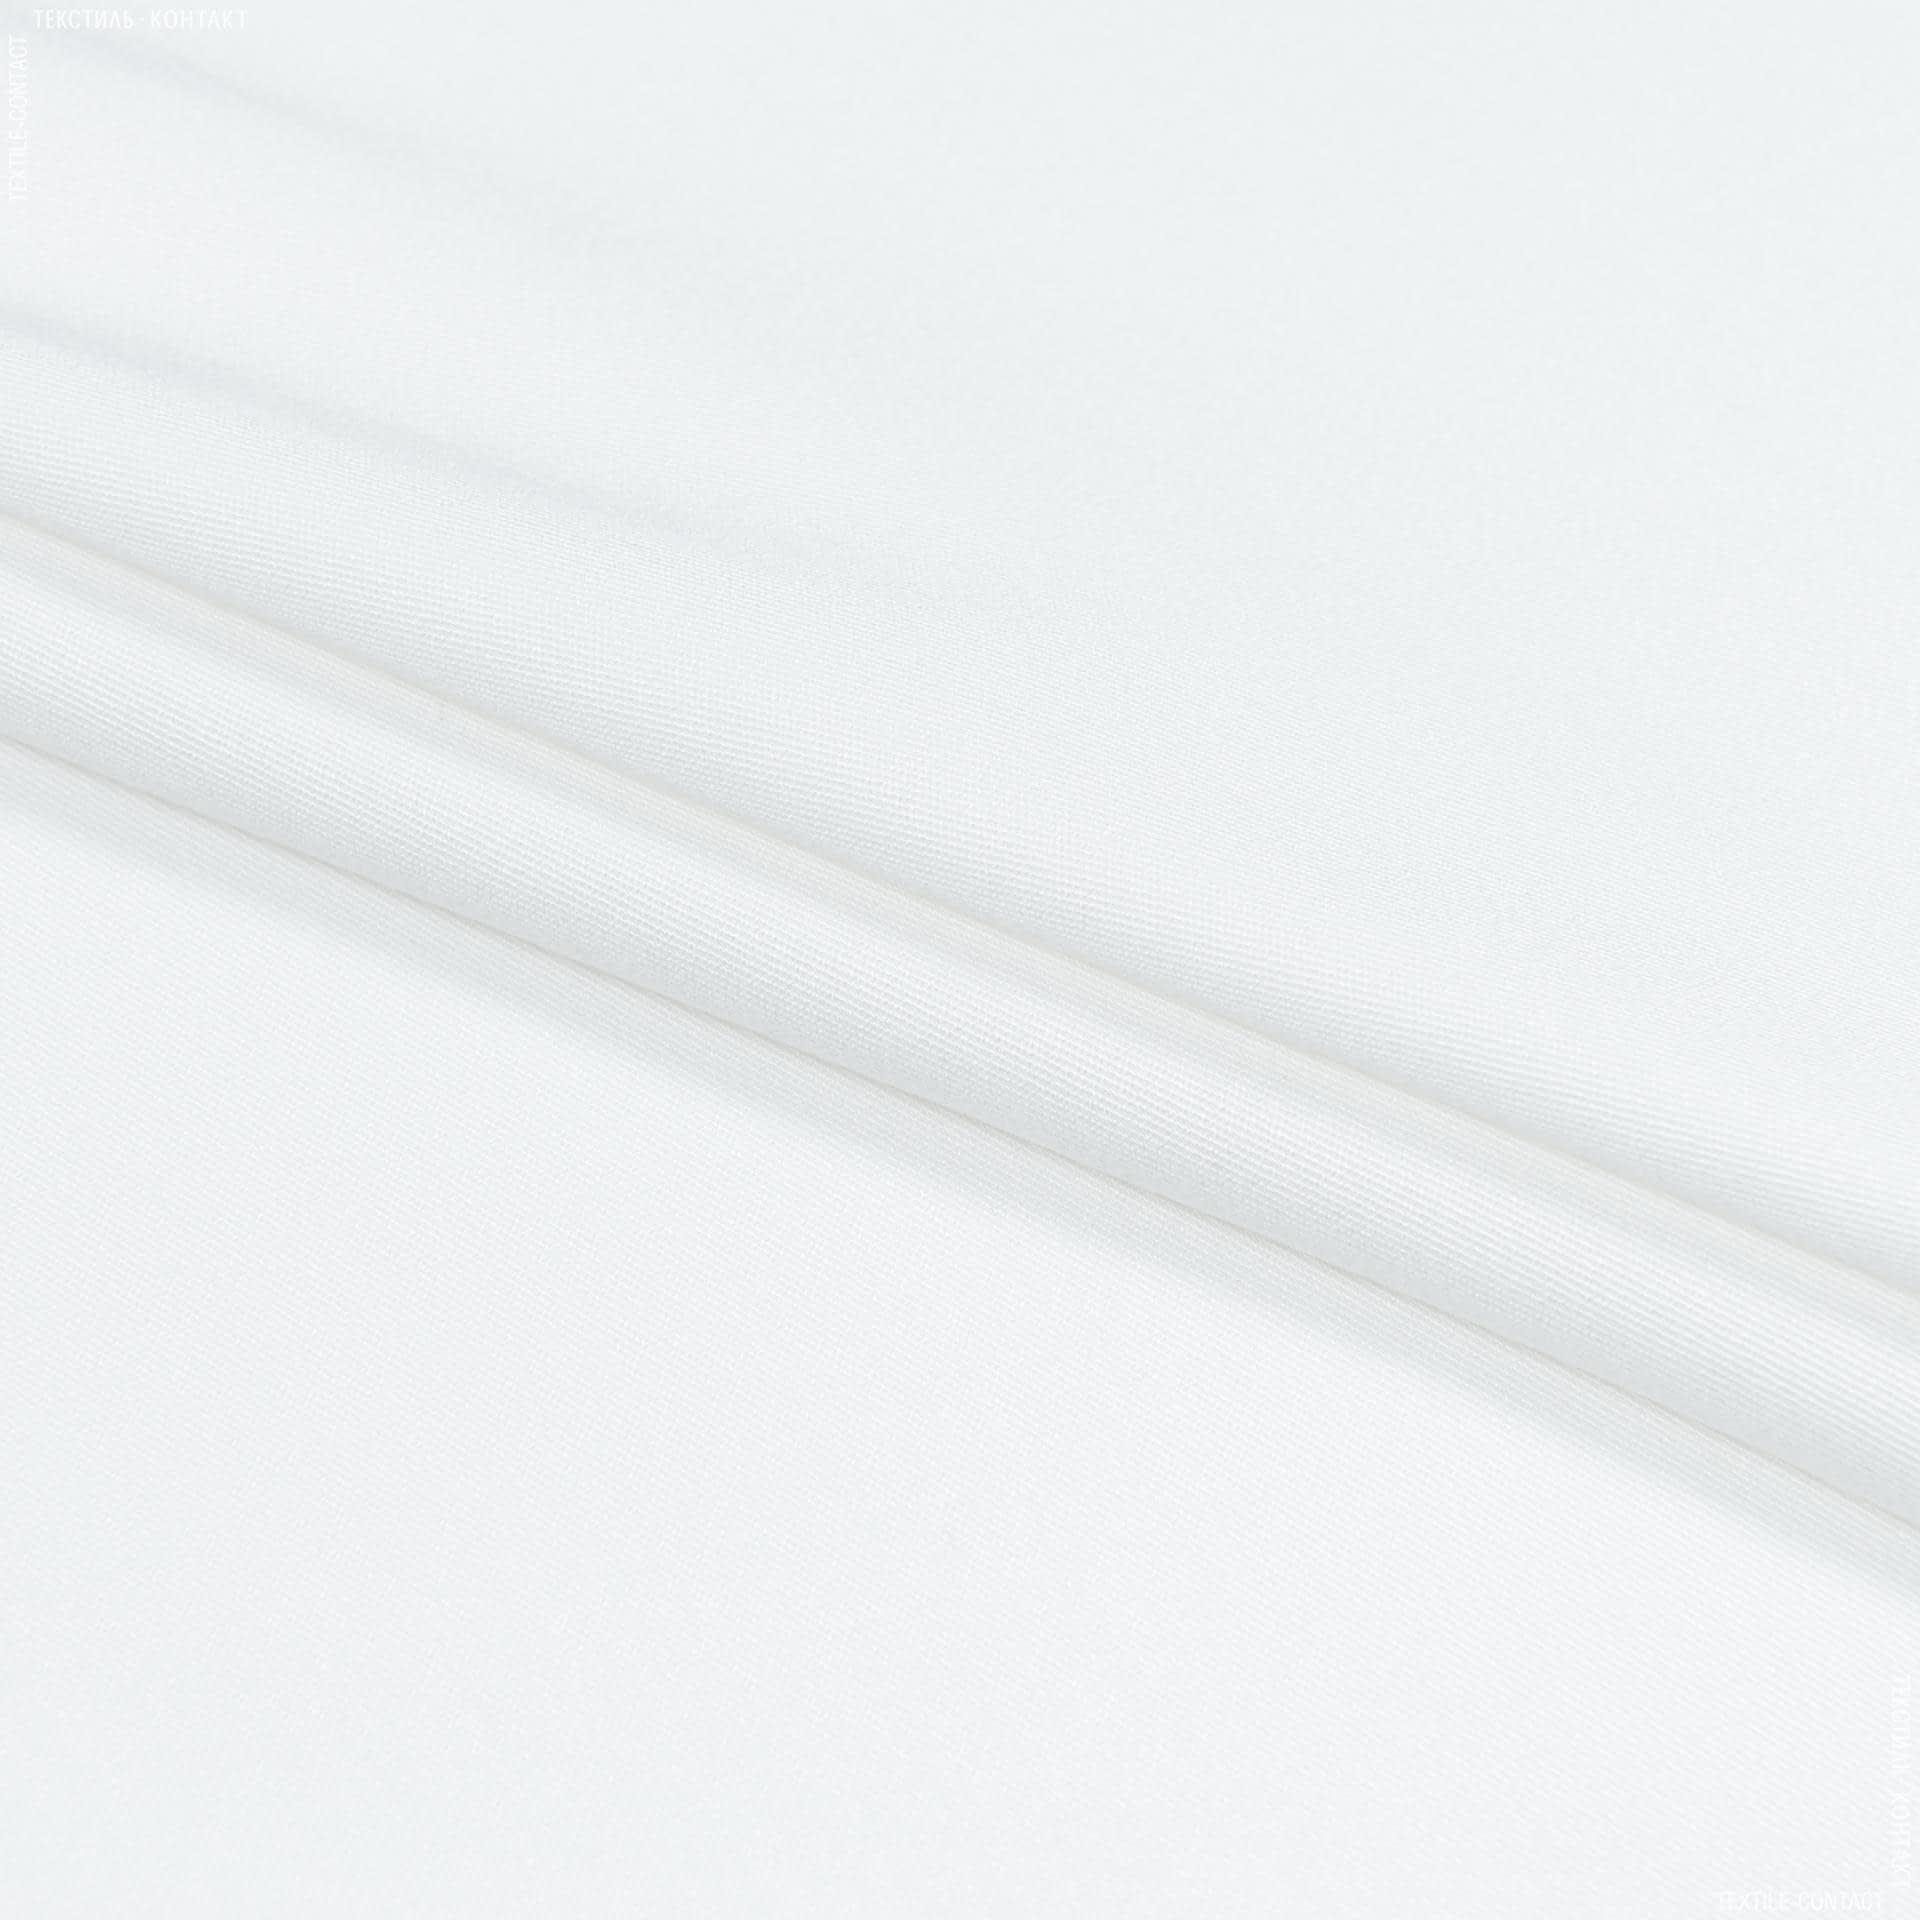 Ткани для костюмов - Костюмная дэни светло-молочный